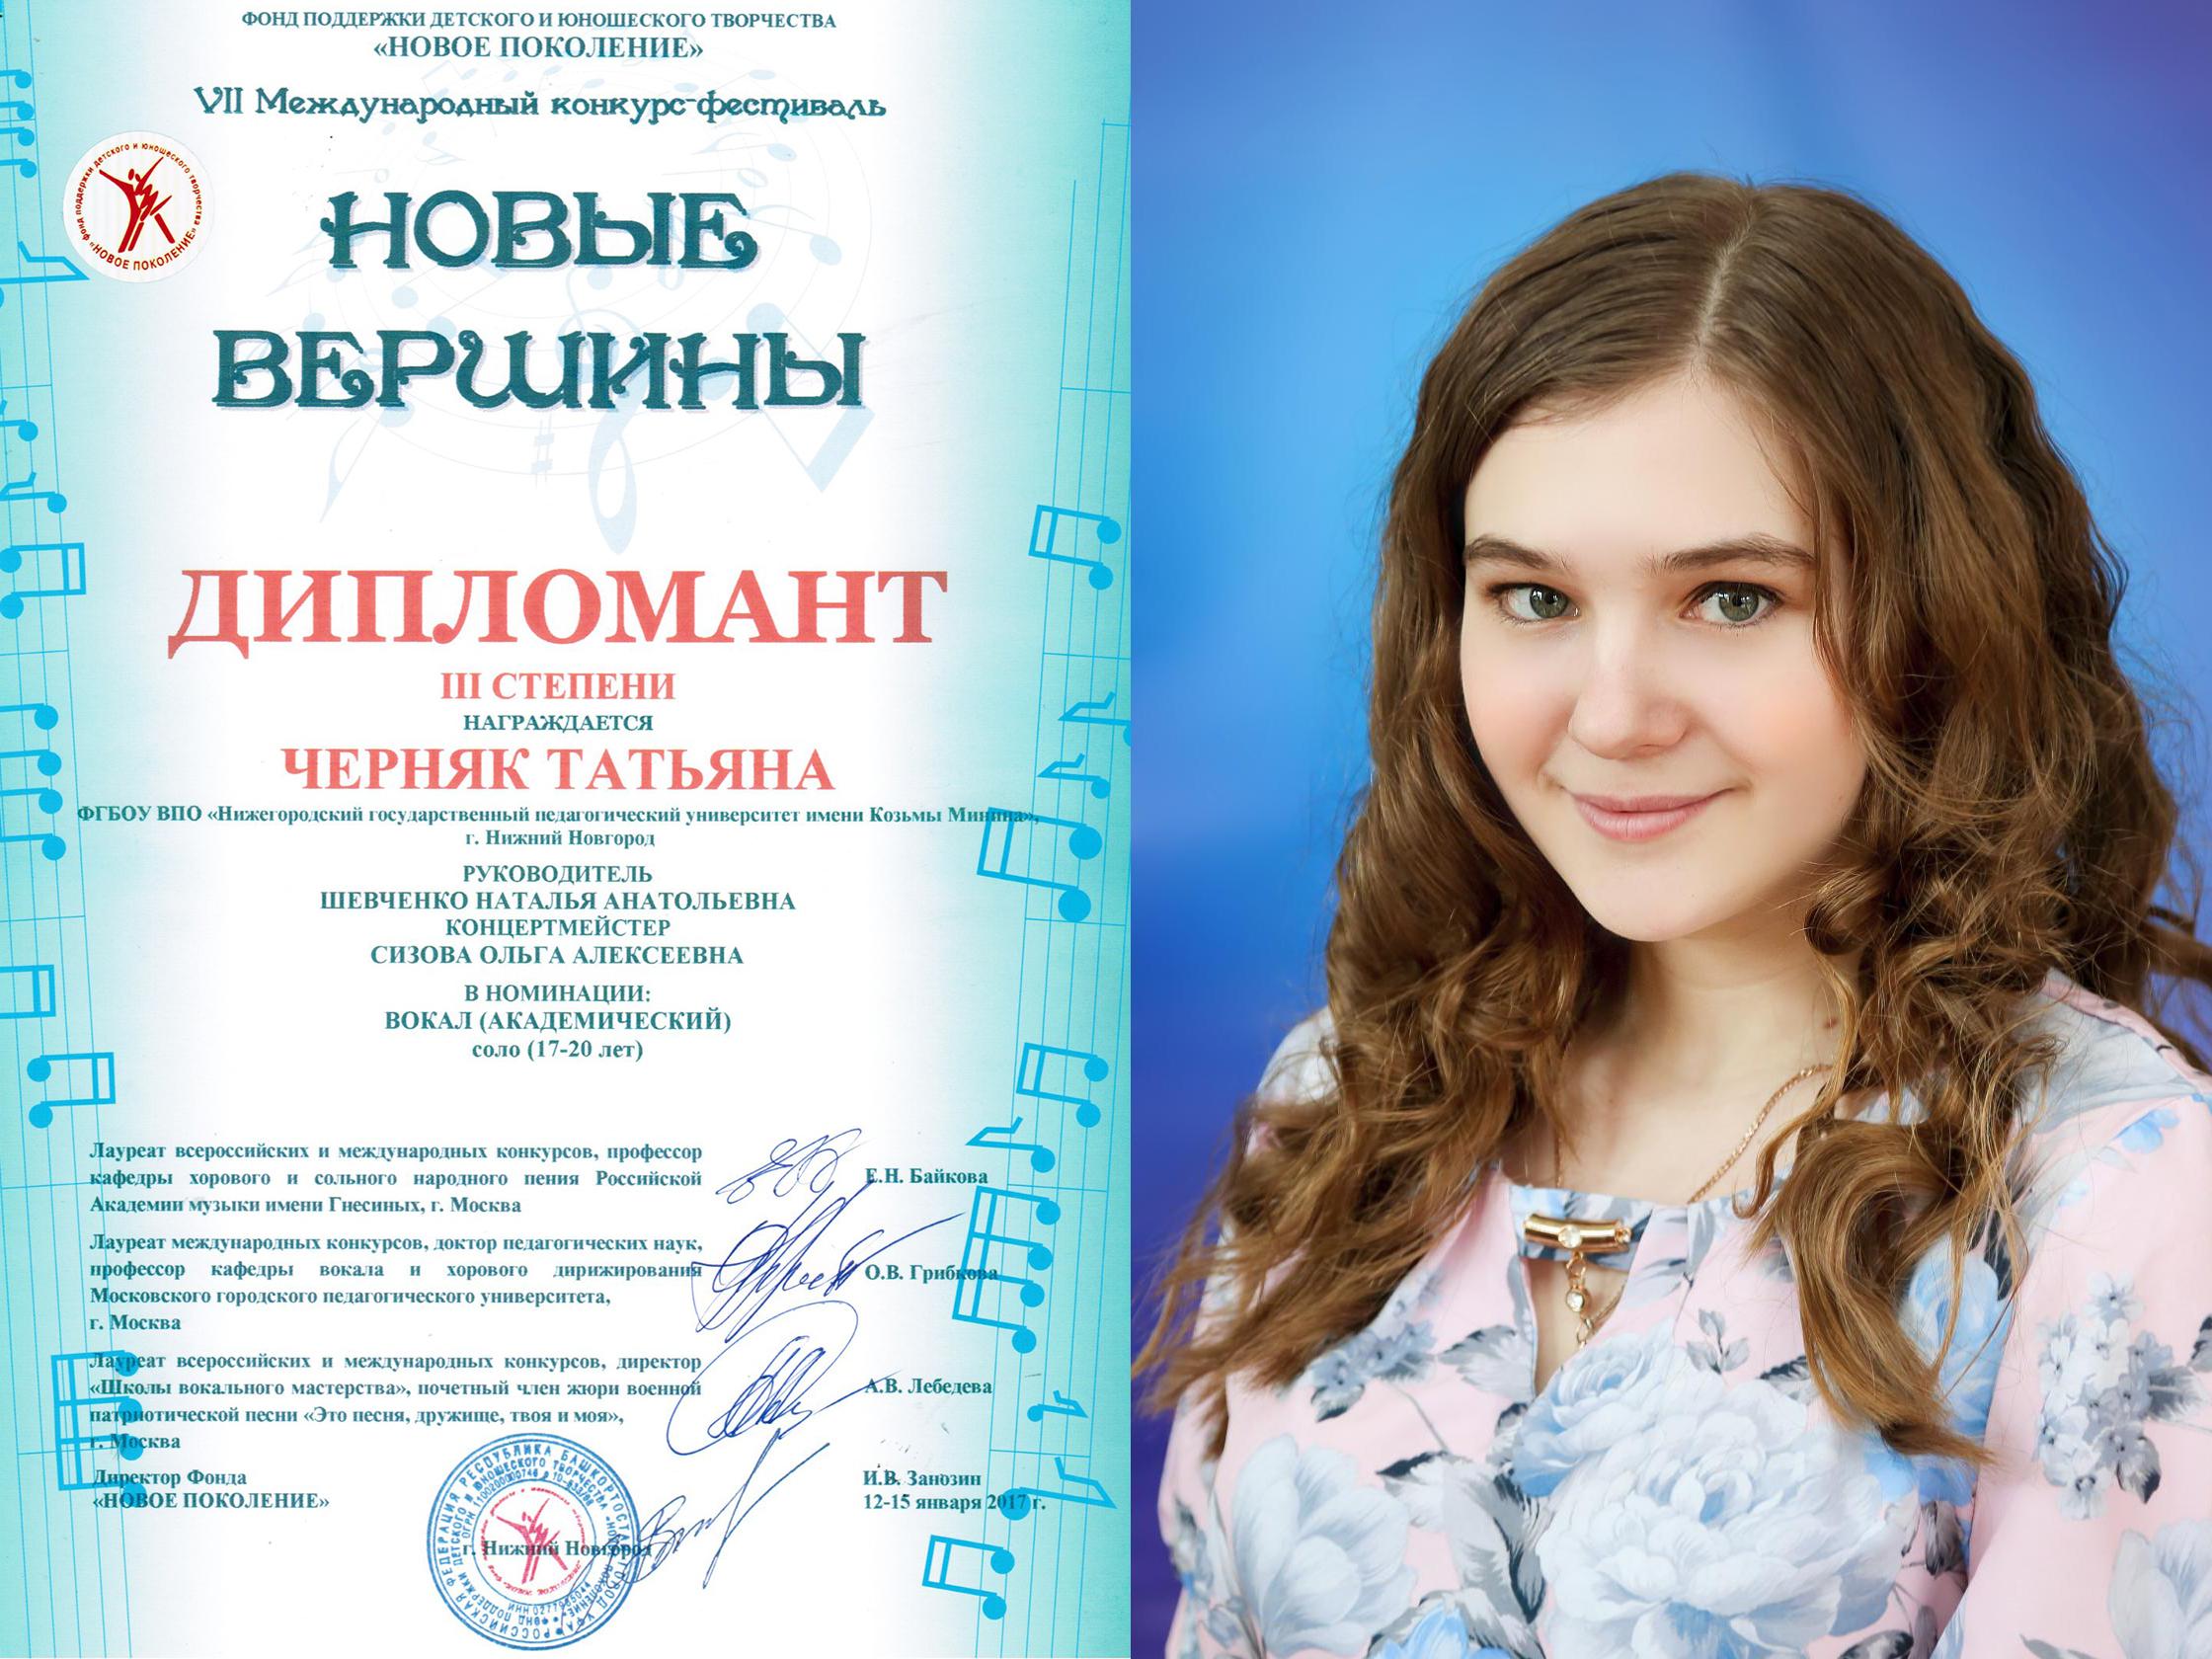 Студентка кафедры продюсерства и музыкального образования стала победителем VII Международного конкурса-фестиваля «Новые вершины»